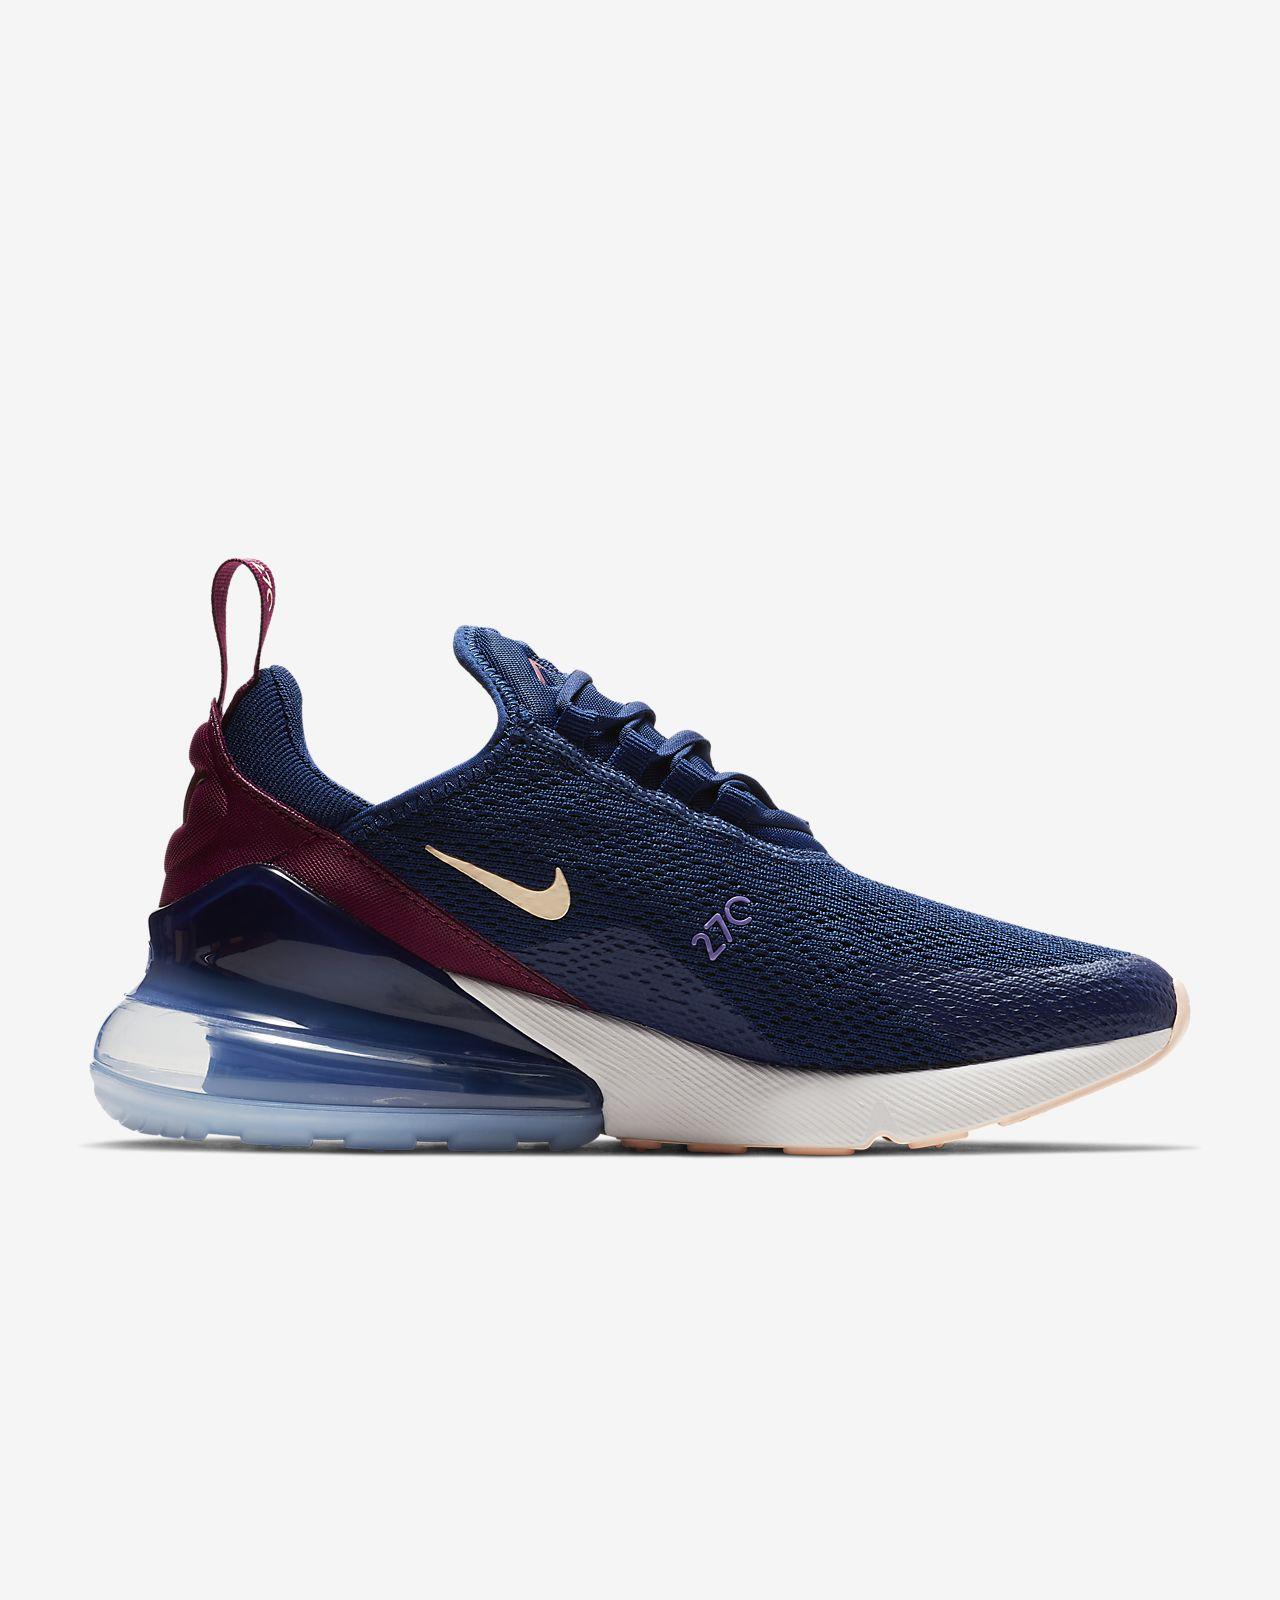 innovative design fd521 0b8b3 ... Chaussure Nike Air Max 270 pour Femme